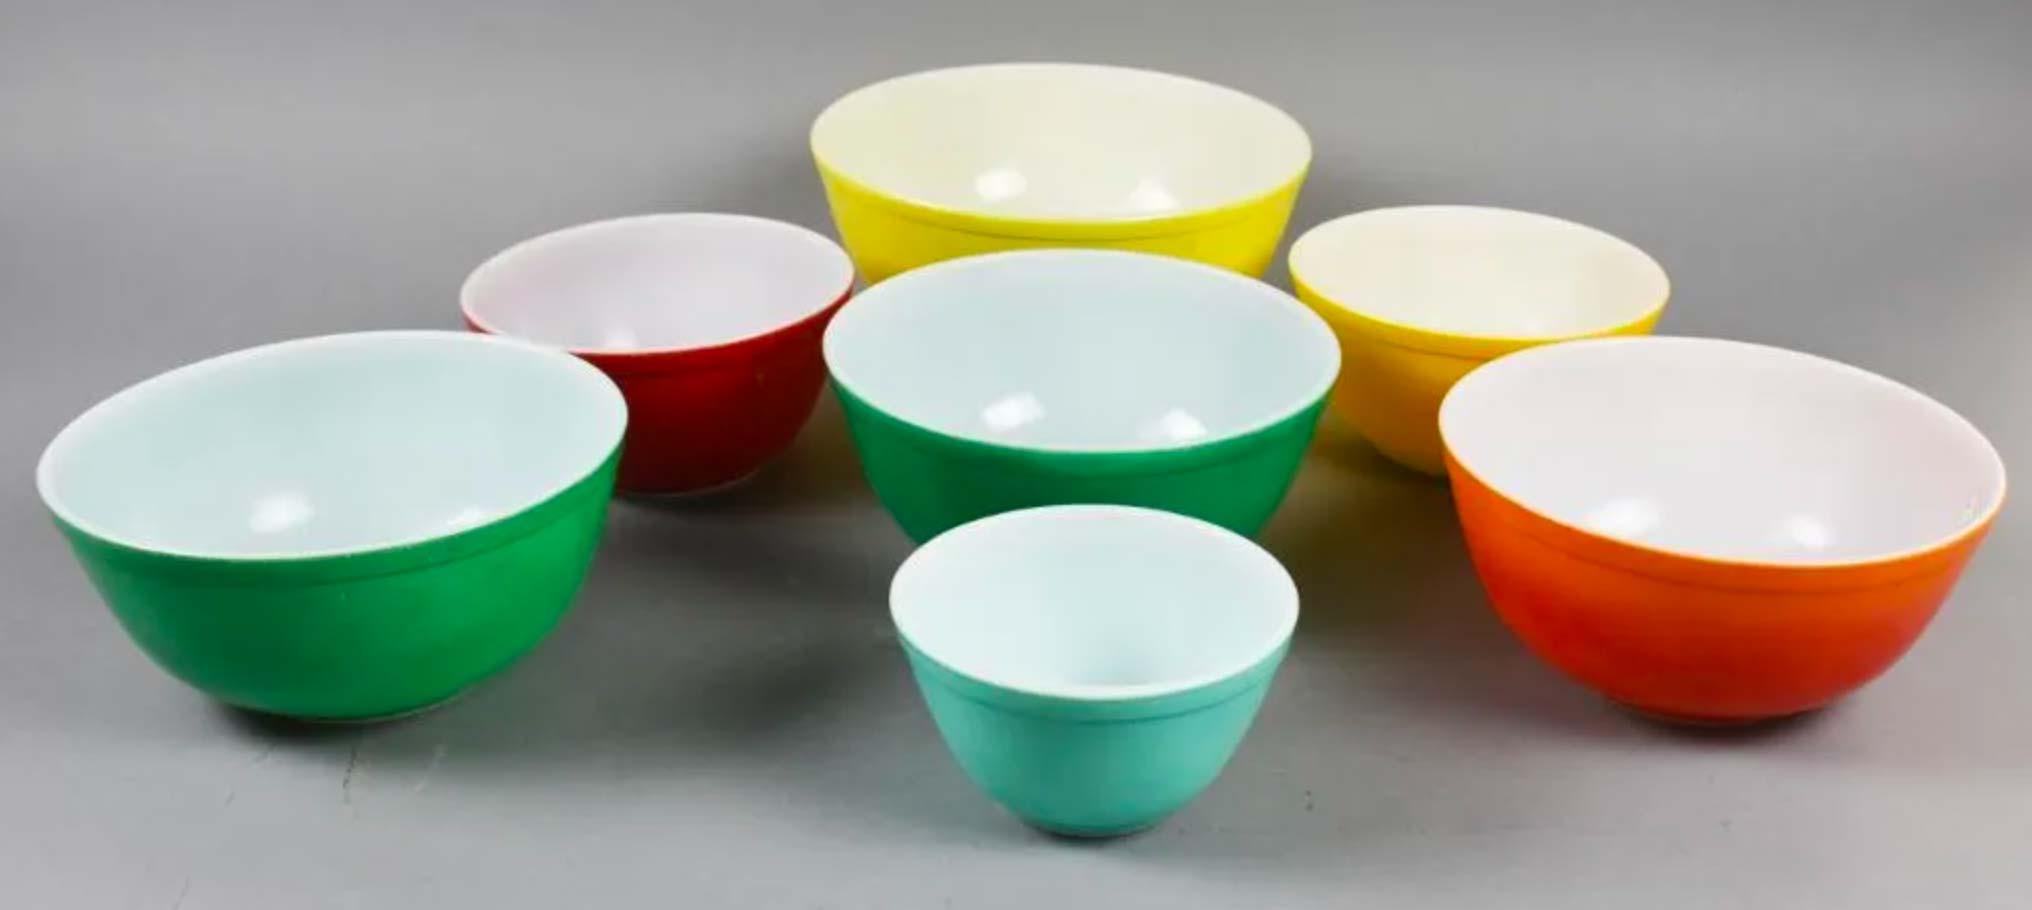 Midcentury Pyrex mixing bowl